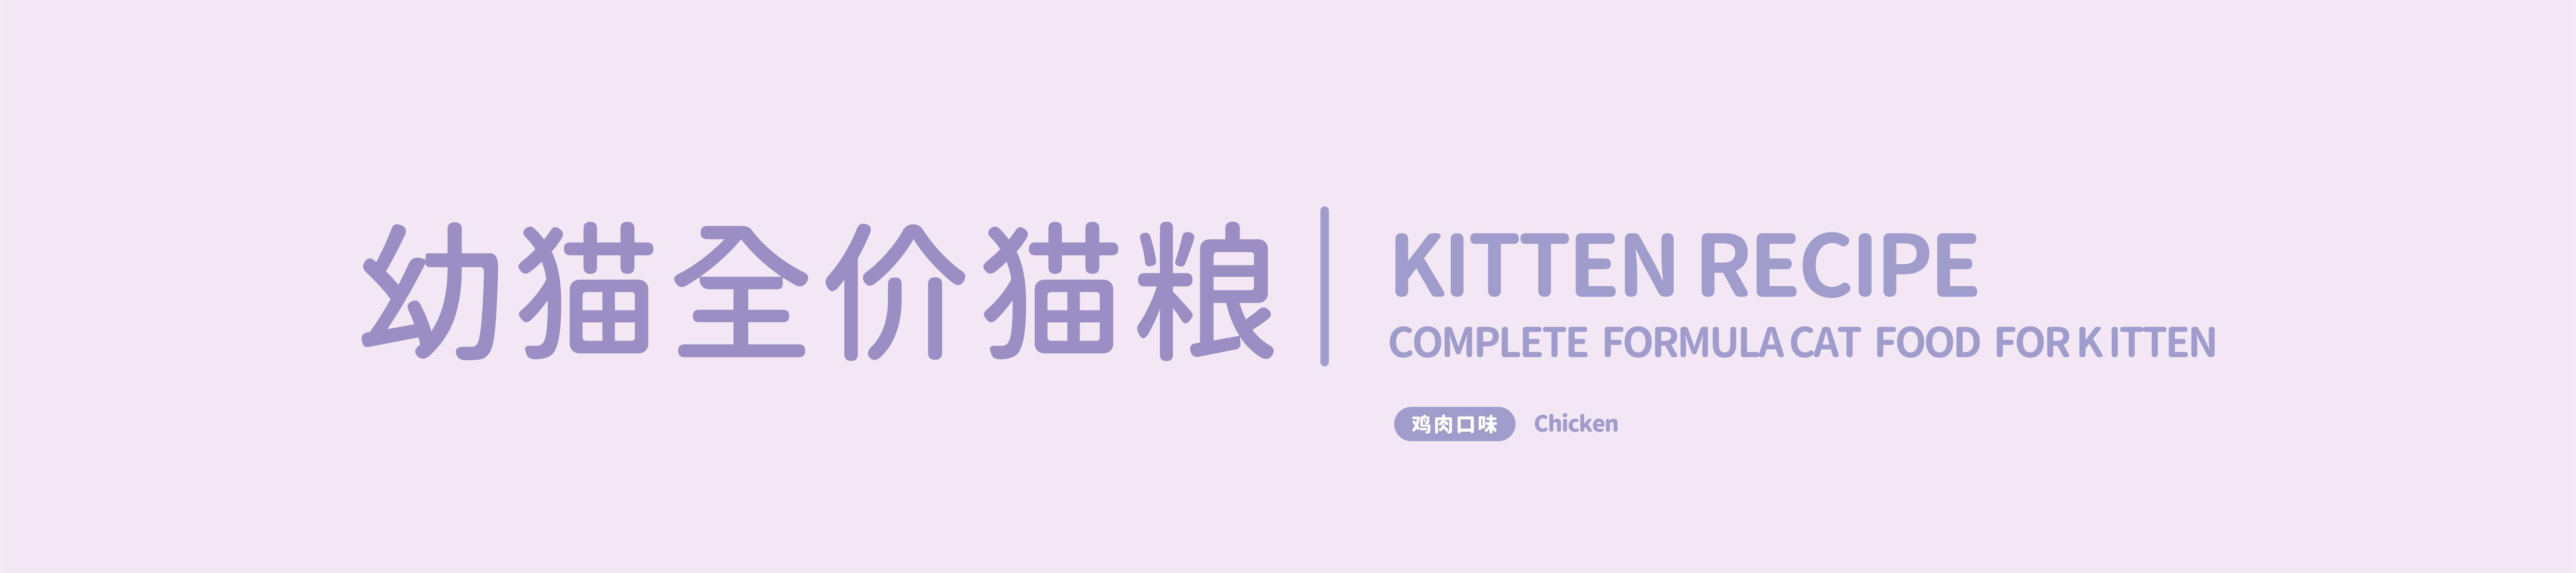 幼猫_画板 1.jpg